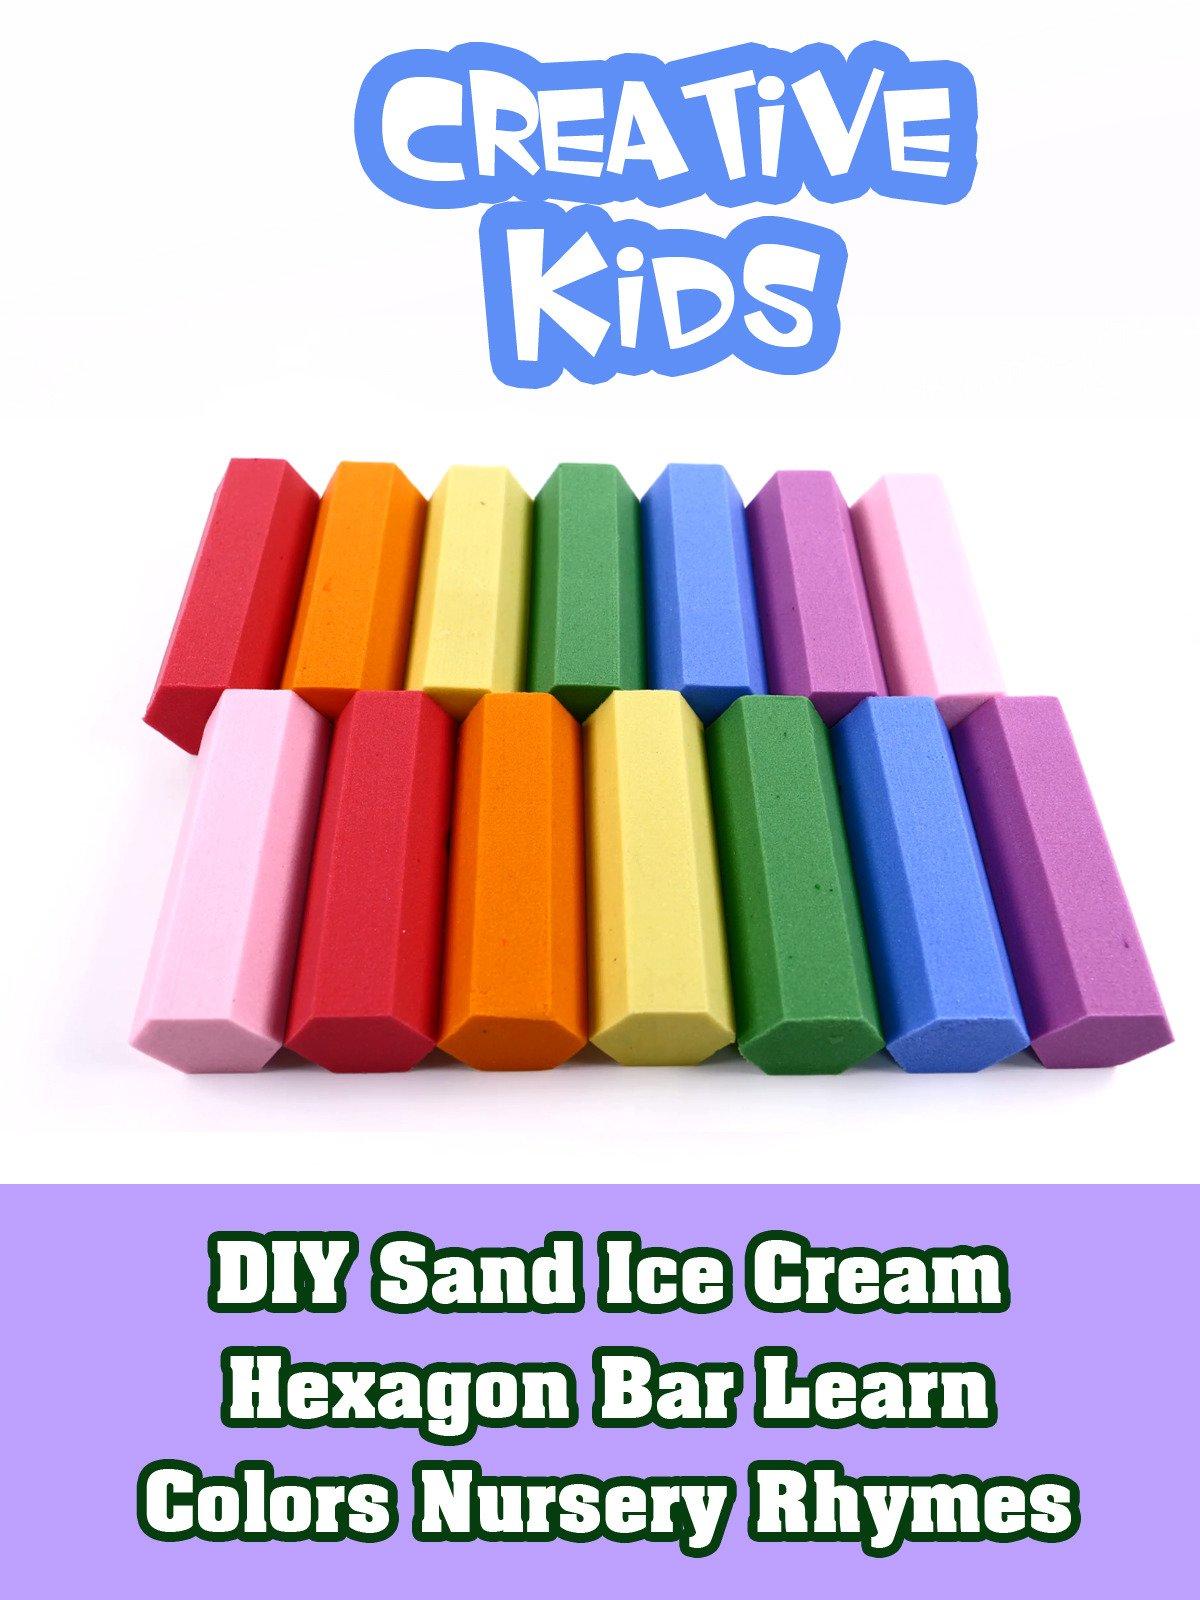 DIY Sand Ice Cream Hexagon Bar Learn Colors Nursery Rhymes